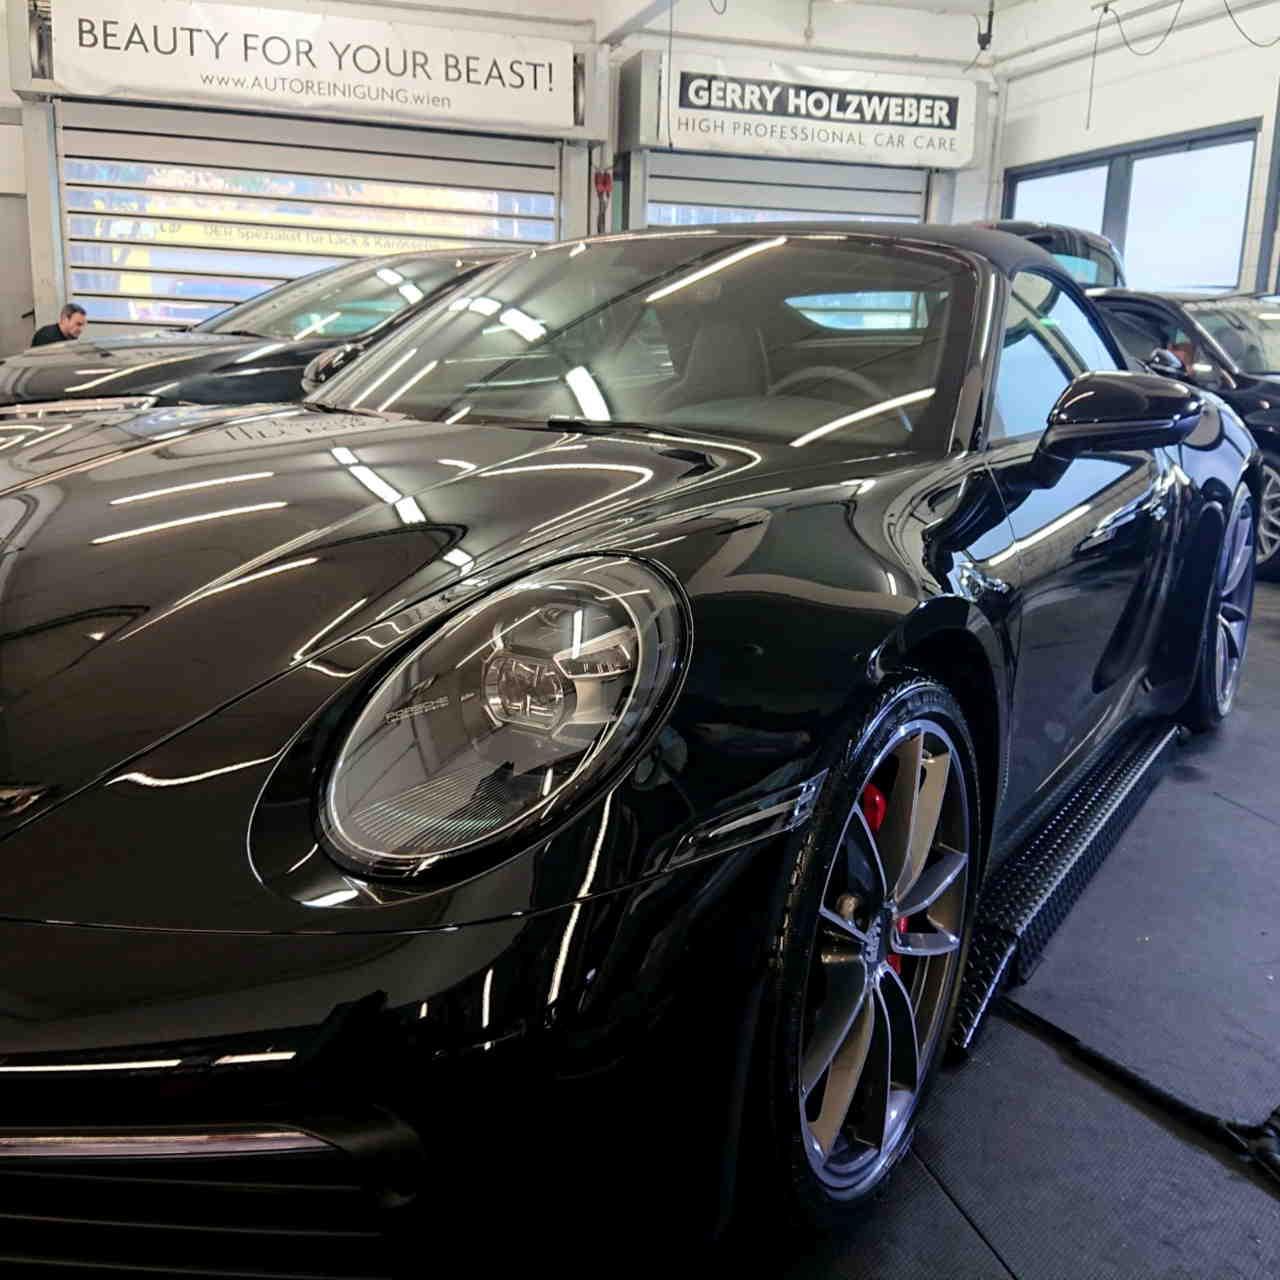 BRILA Wien Redline Coating Porsche 911 Front